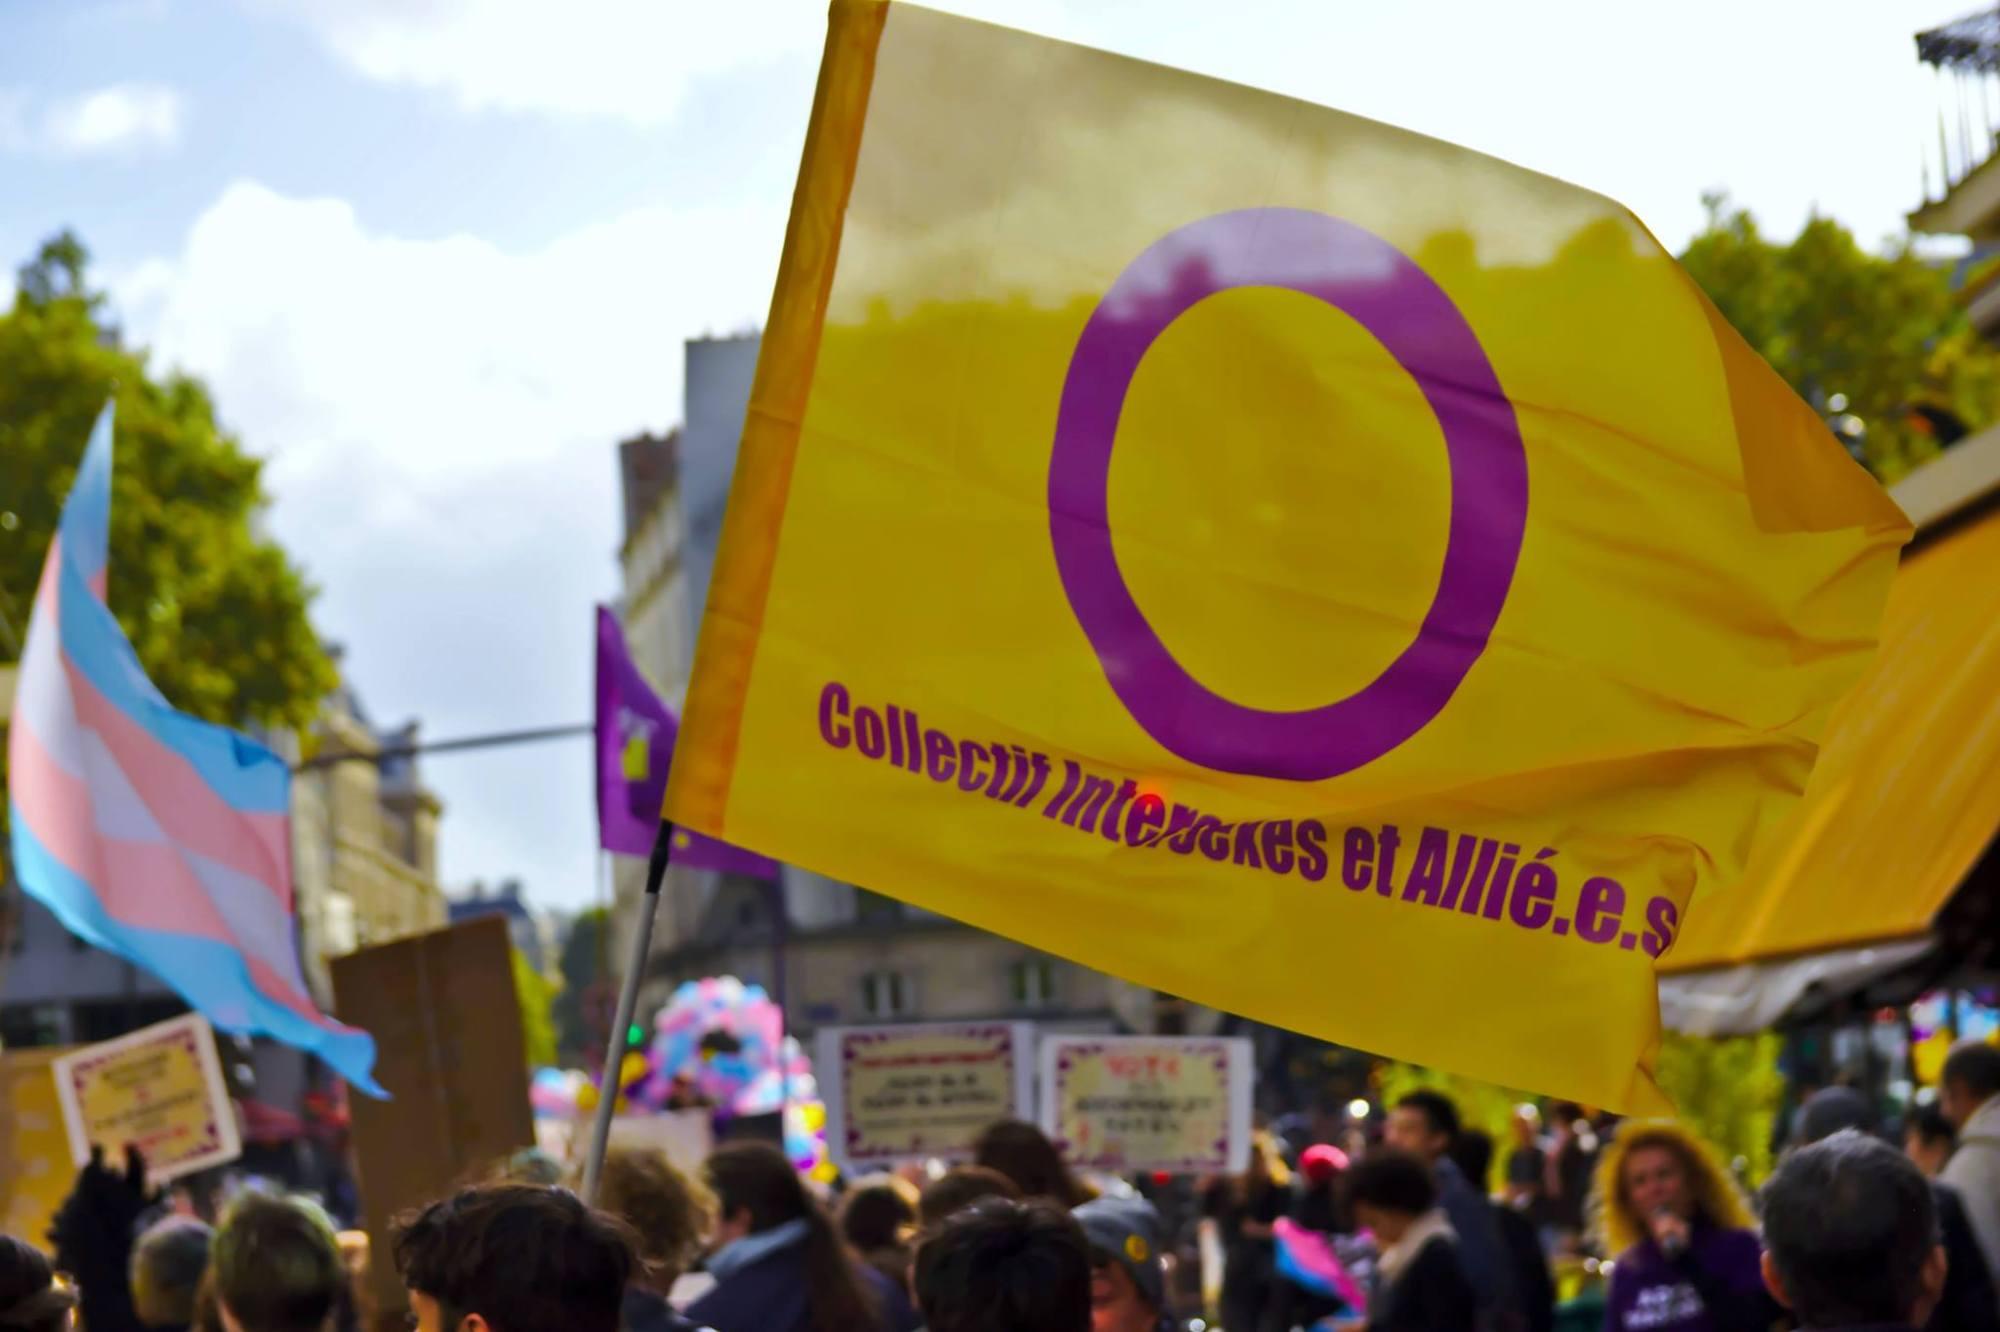 en manifestation : au premier plan un drapeau du collectif intersexes et alliés, en arrière plan un drapeau de la fierté transgenre